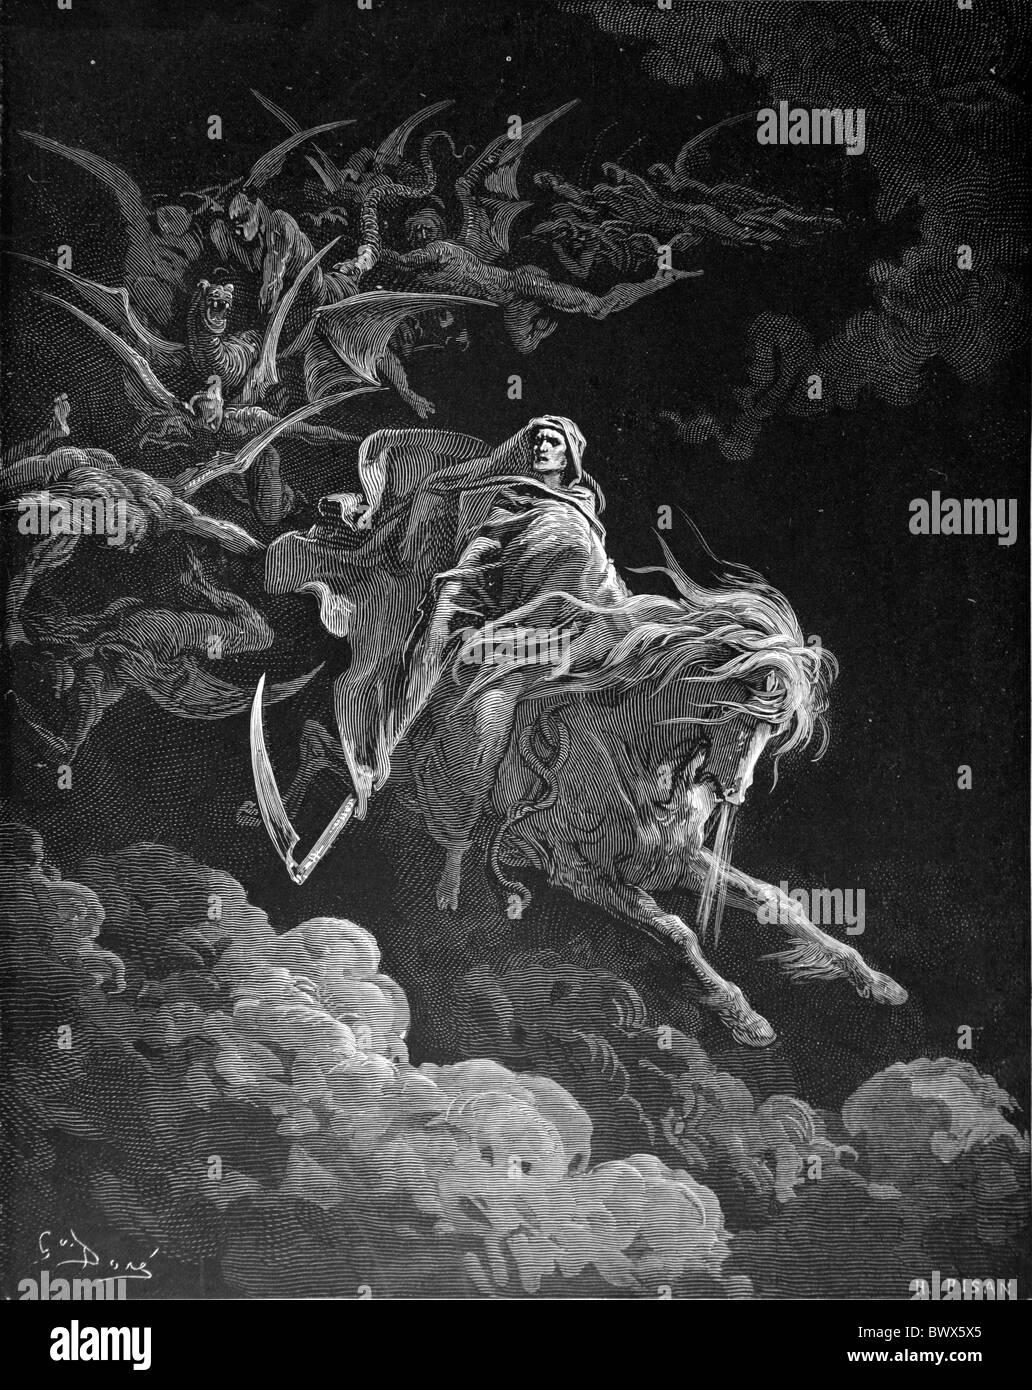 Gustave Doré; Die Vision des Todes aus dem neutestamentlichen Buch der Offenbarung; Schwarz / weiß-Gravur Stockbild